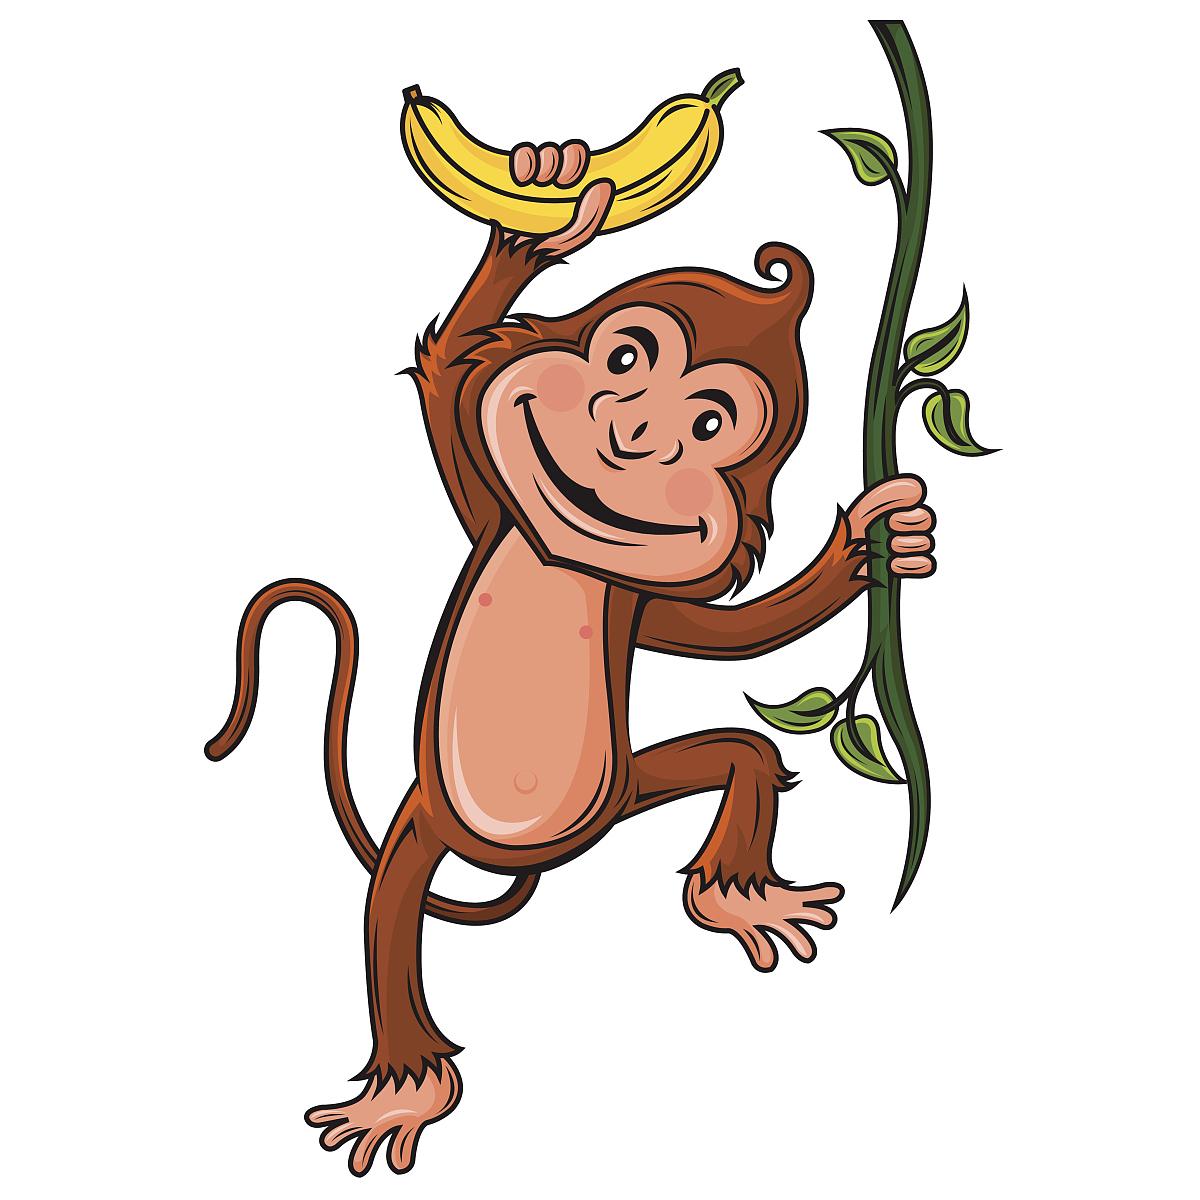 中国猴子种类_猴子,中国文化,春节,计划书,灵感,设计,猿,动物,无人,计算机制图